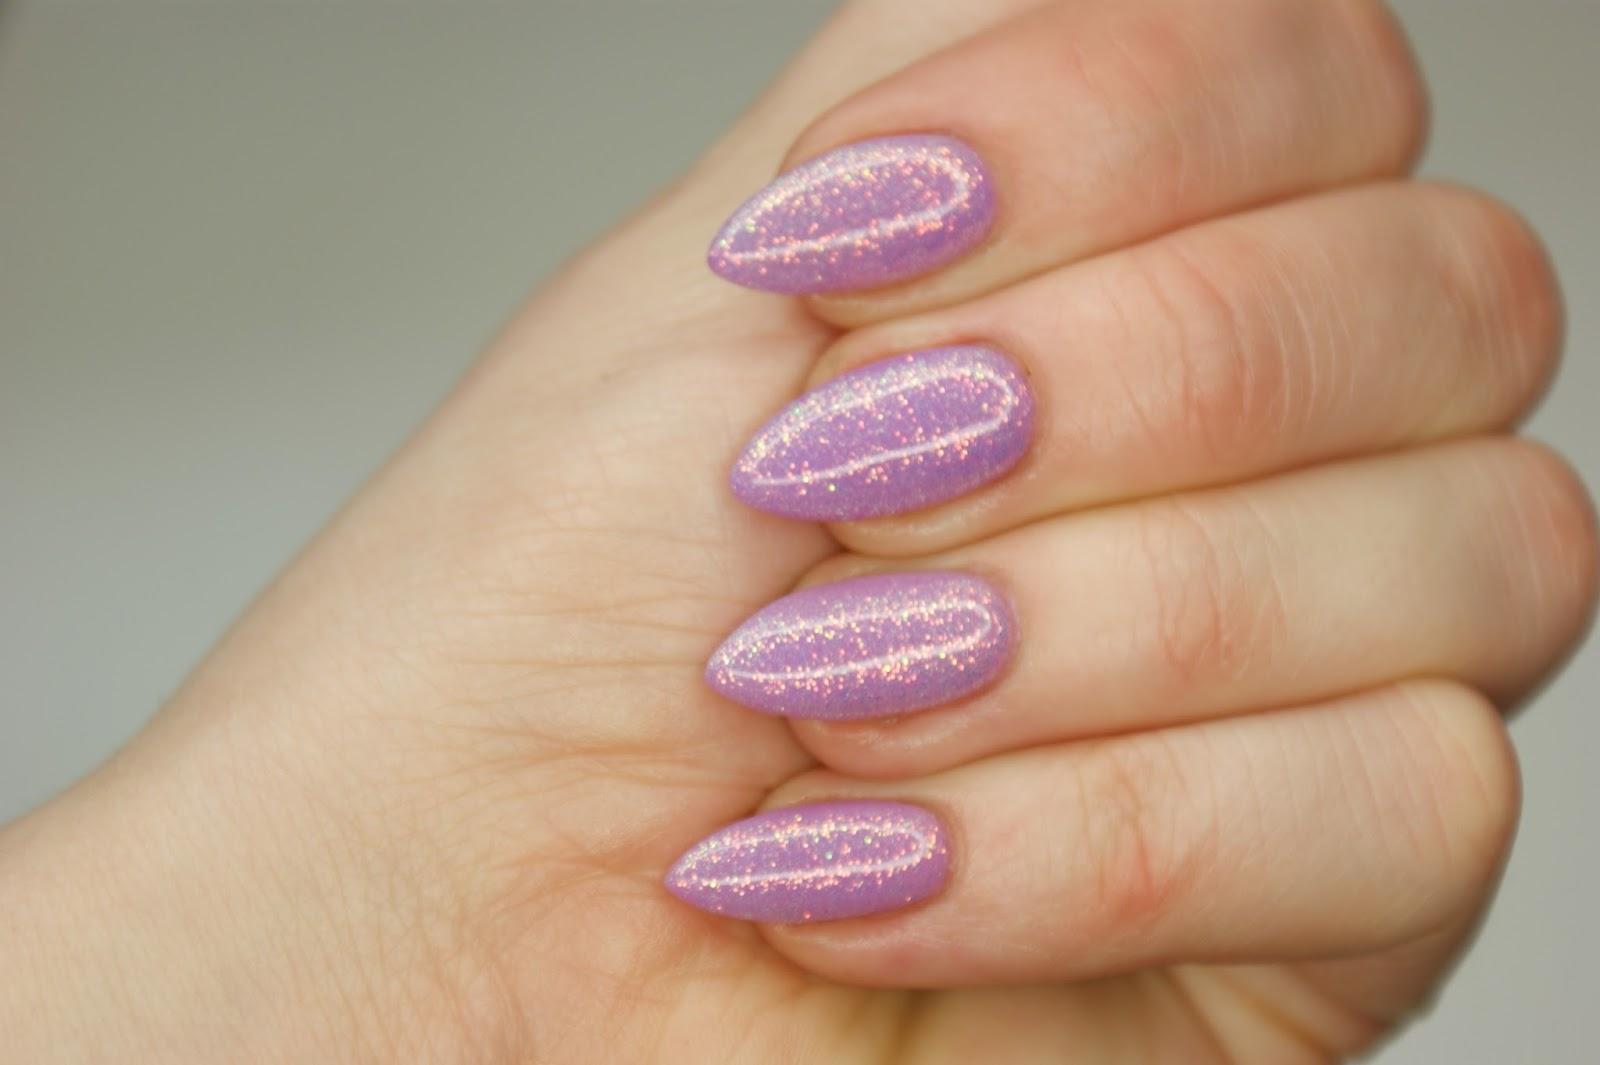 Biankowo Manicure Hybrydowy Semilac 7 Efekt Syrenki Eclair